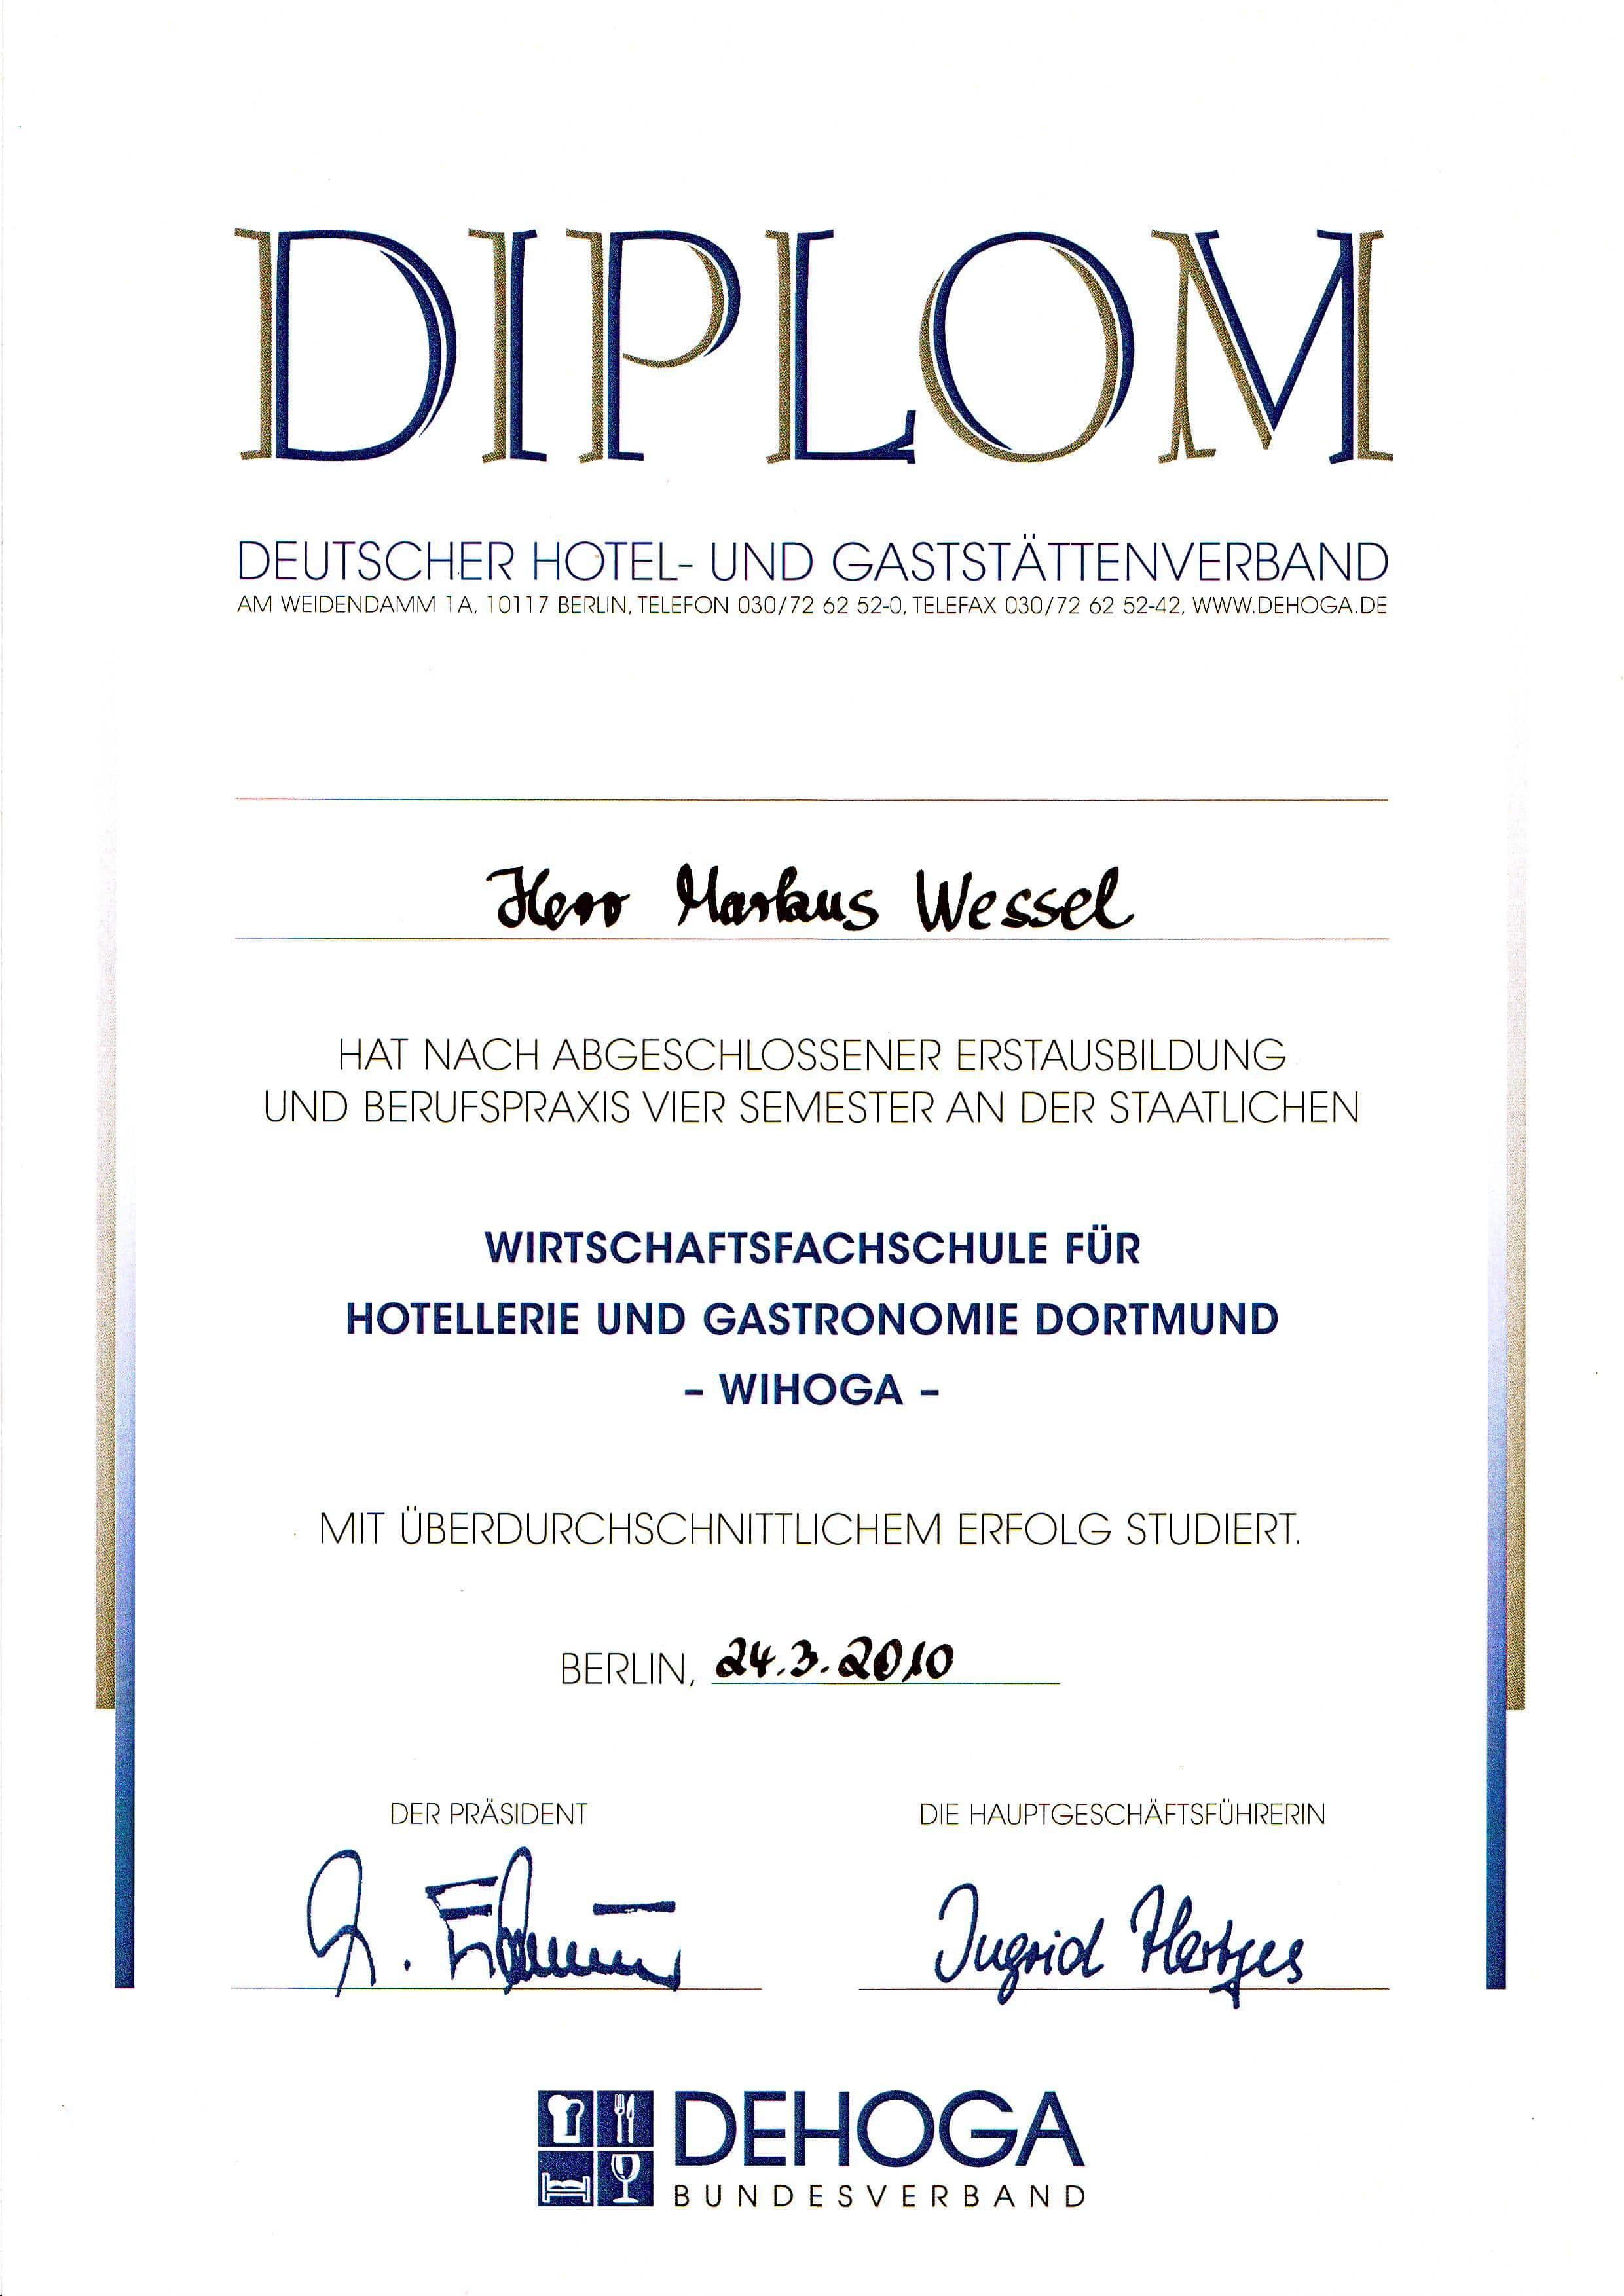 Diplom für meinen Abschluss an der Wihoga